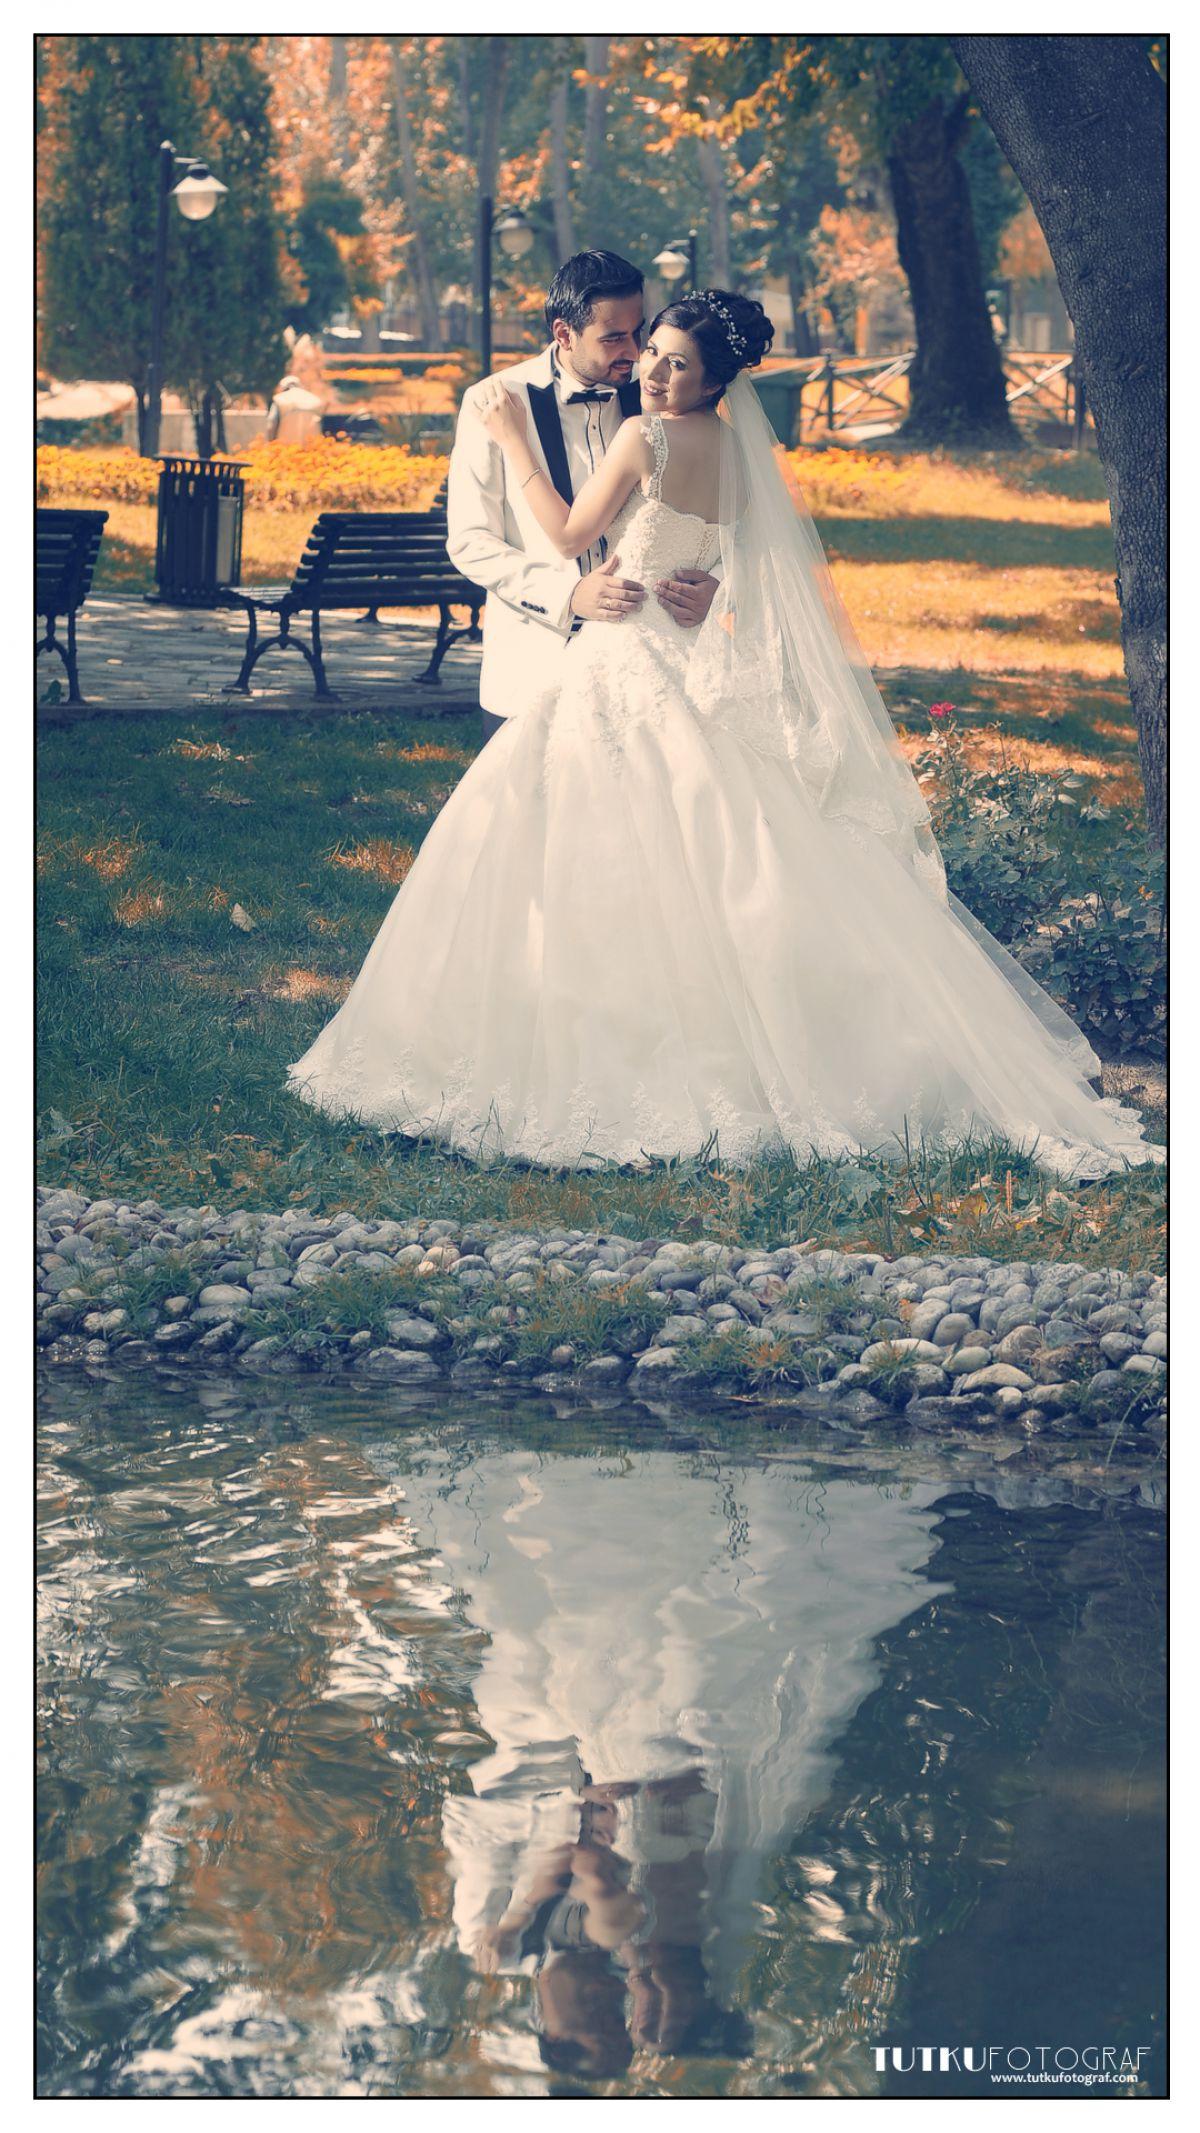 Alaçatı Düğün Albümü Çekimi-Alacati-Dugun-Fotografi-Dis-Mekan-Fotograf-Albumu-Cekimi-12